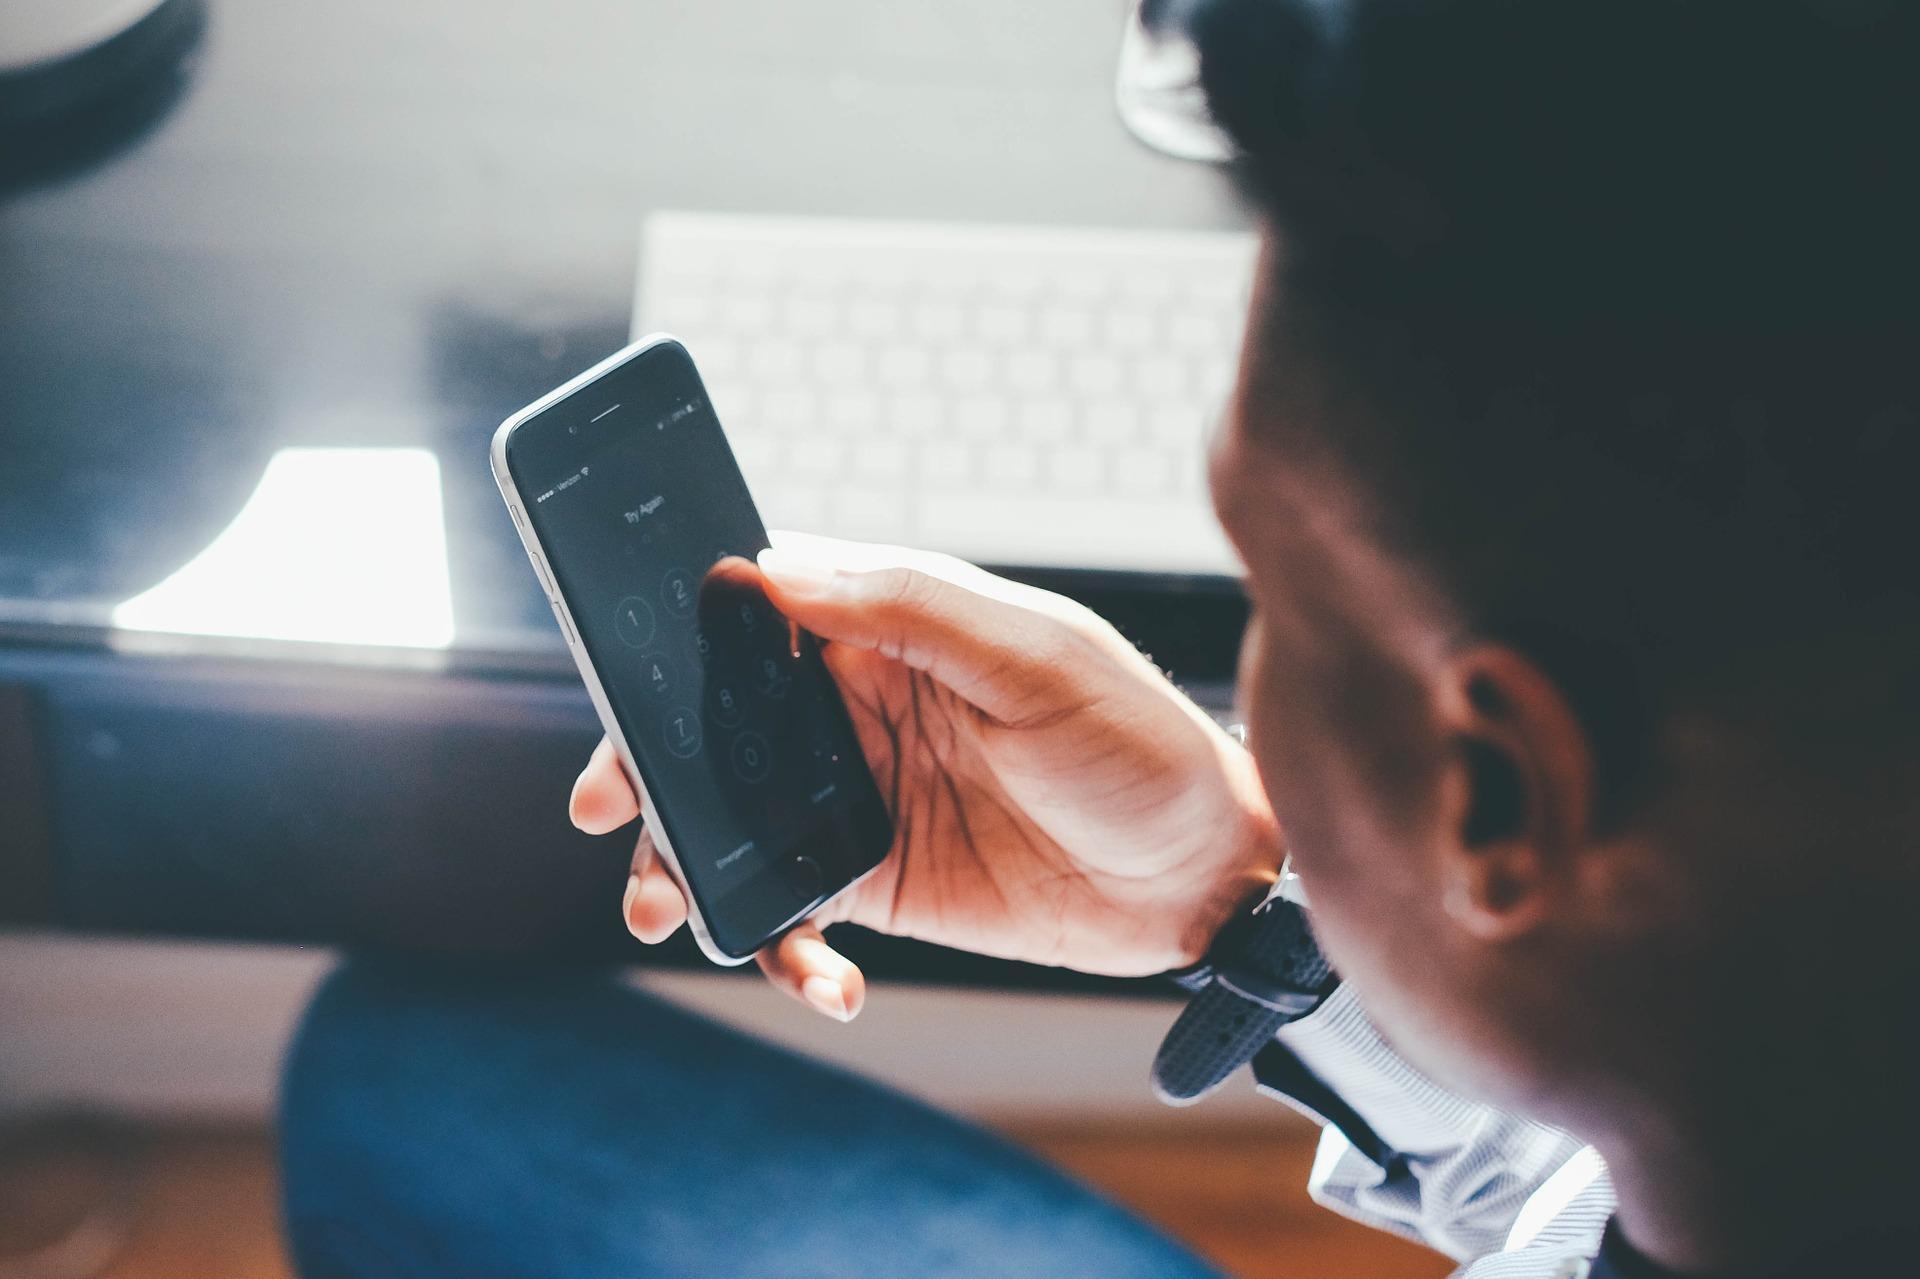 Аналитик раскрыл способы восстановления доступа к заблокированному телефону